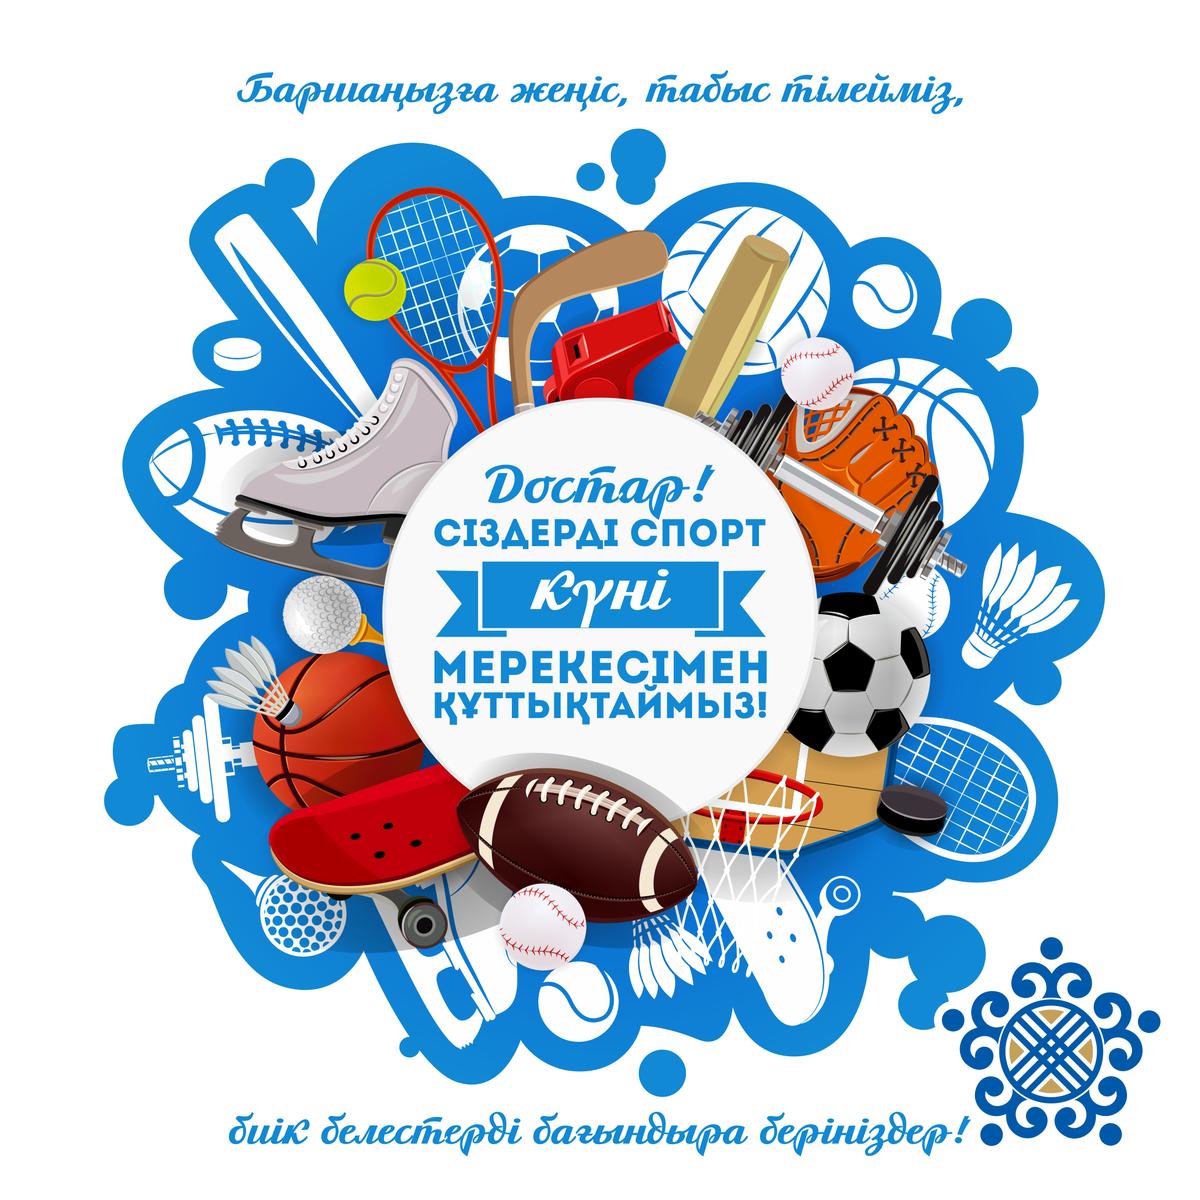 Прикольные открытки на день физической культуры и спорта